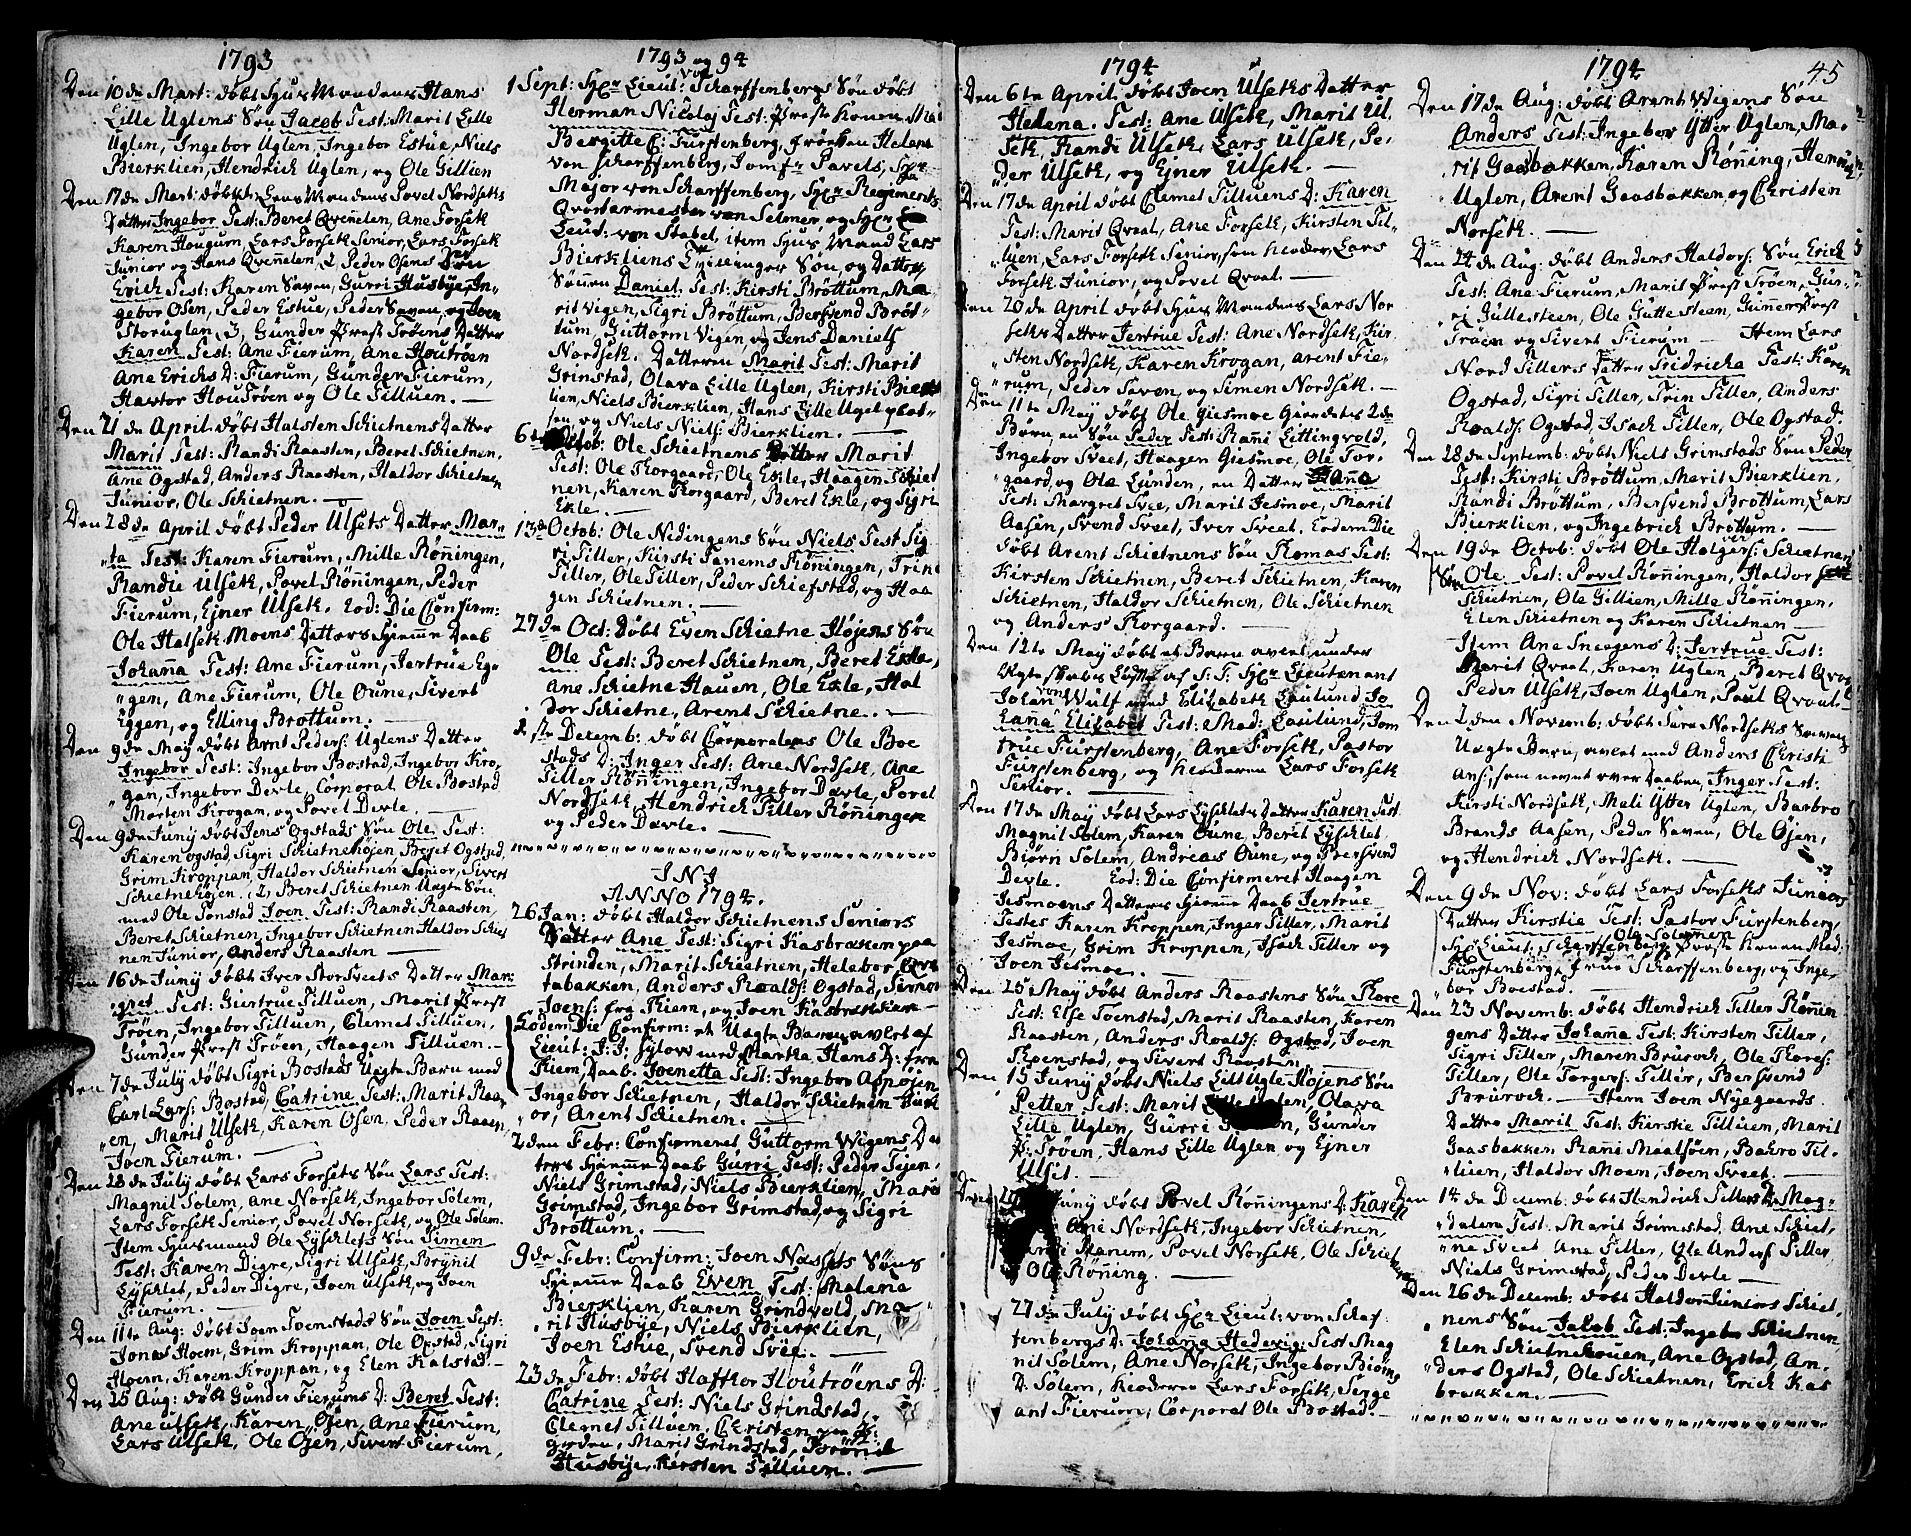 SAT, Ministerialprotokoller, klokkerbøker og fødselsregistre - Sør-Trøndelag, 618/L0438: Ministerialbok nr. 618A03, 1783-1815, s. 45